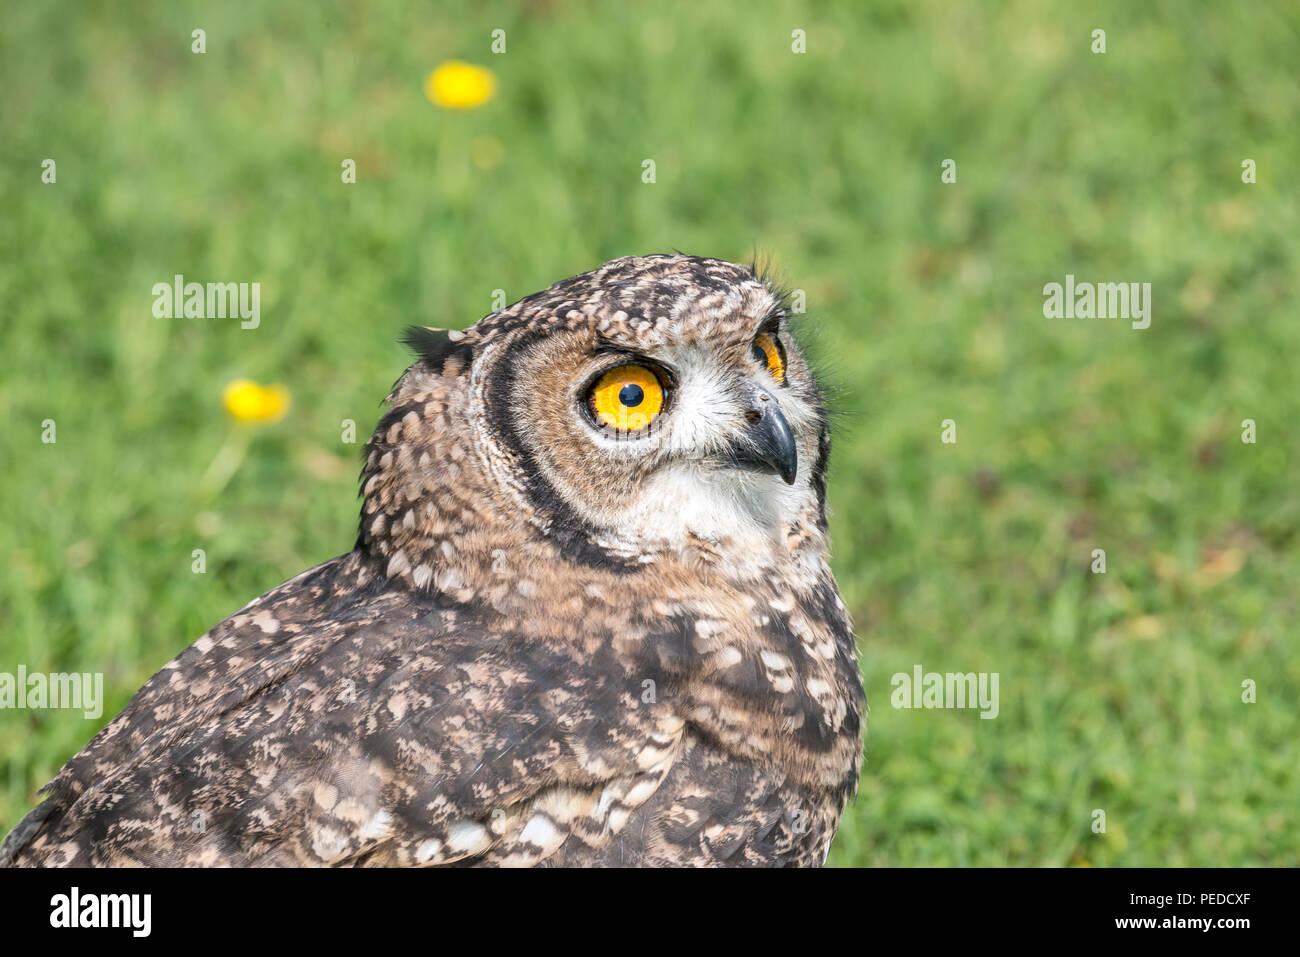 Captive Spotted Eagle Owl, Hexham, Northumberland, UK - Stock Image